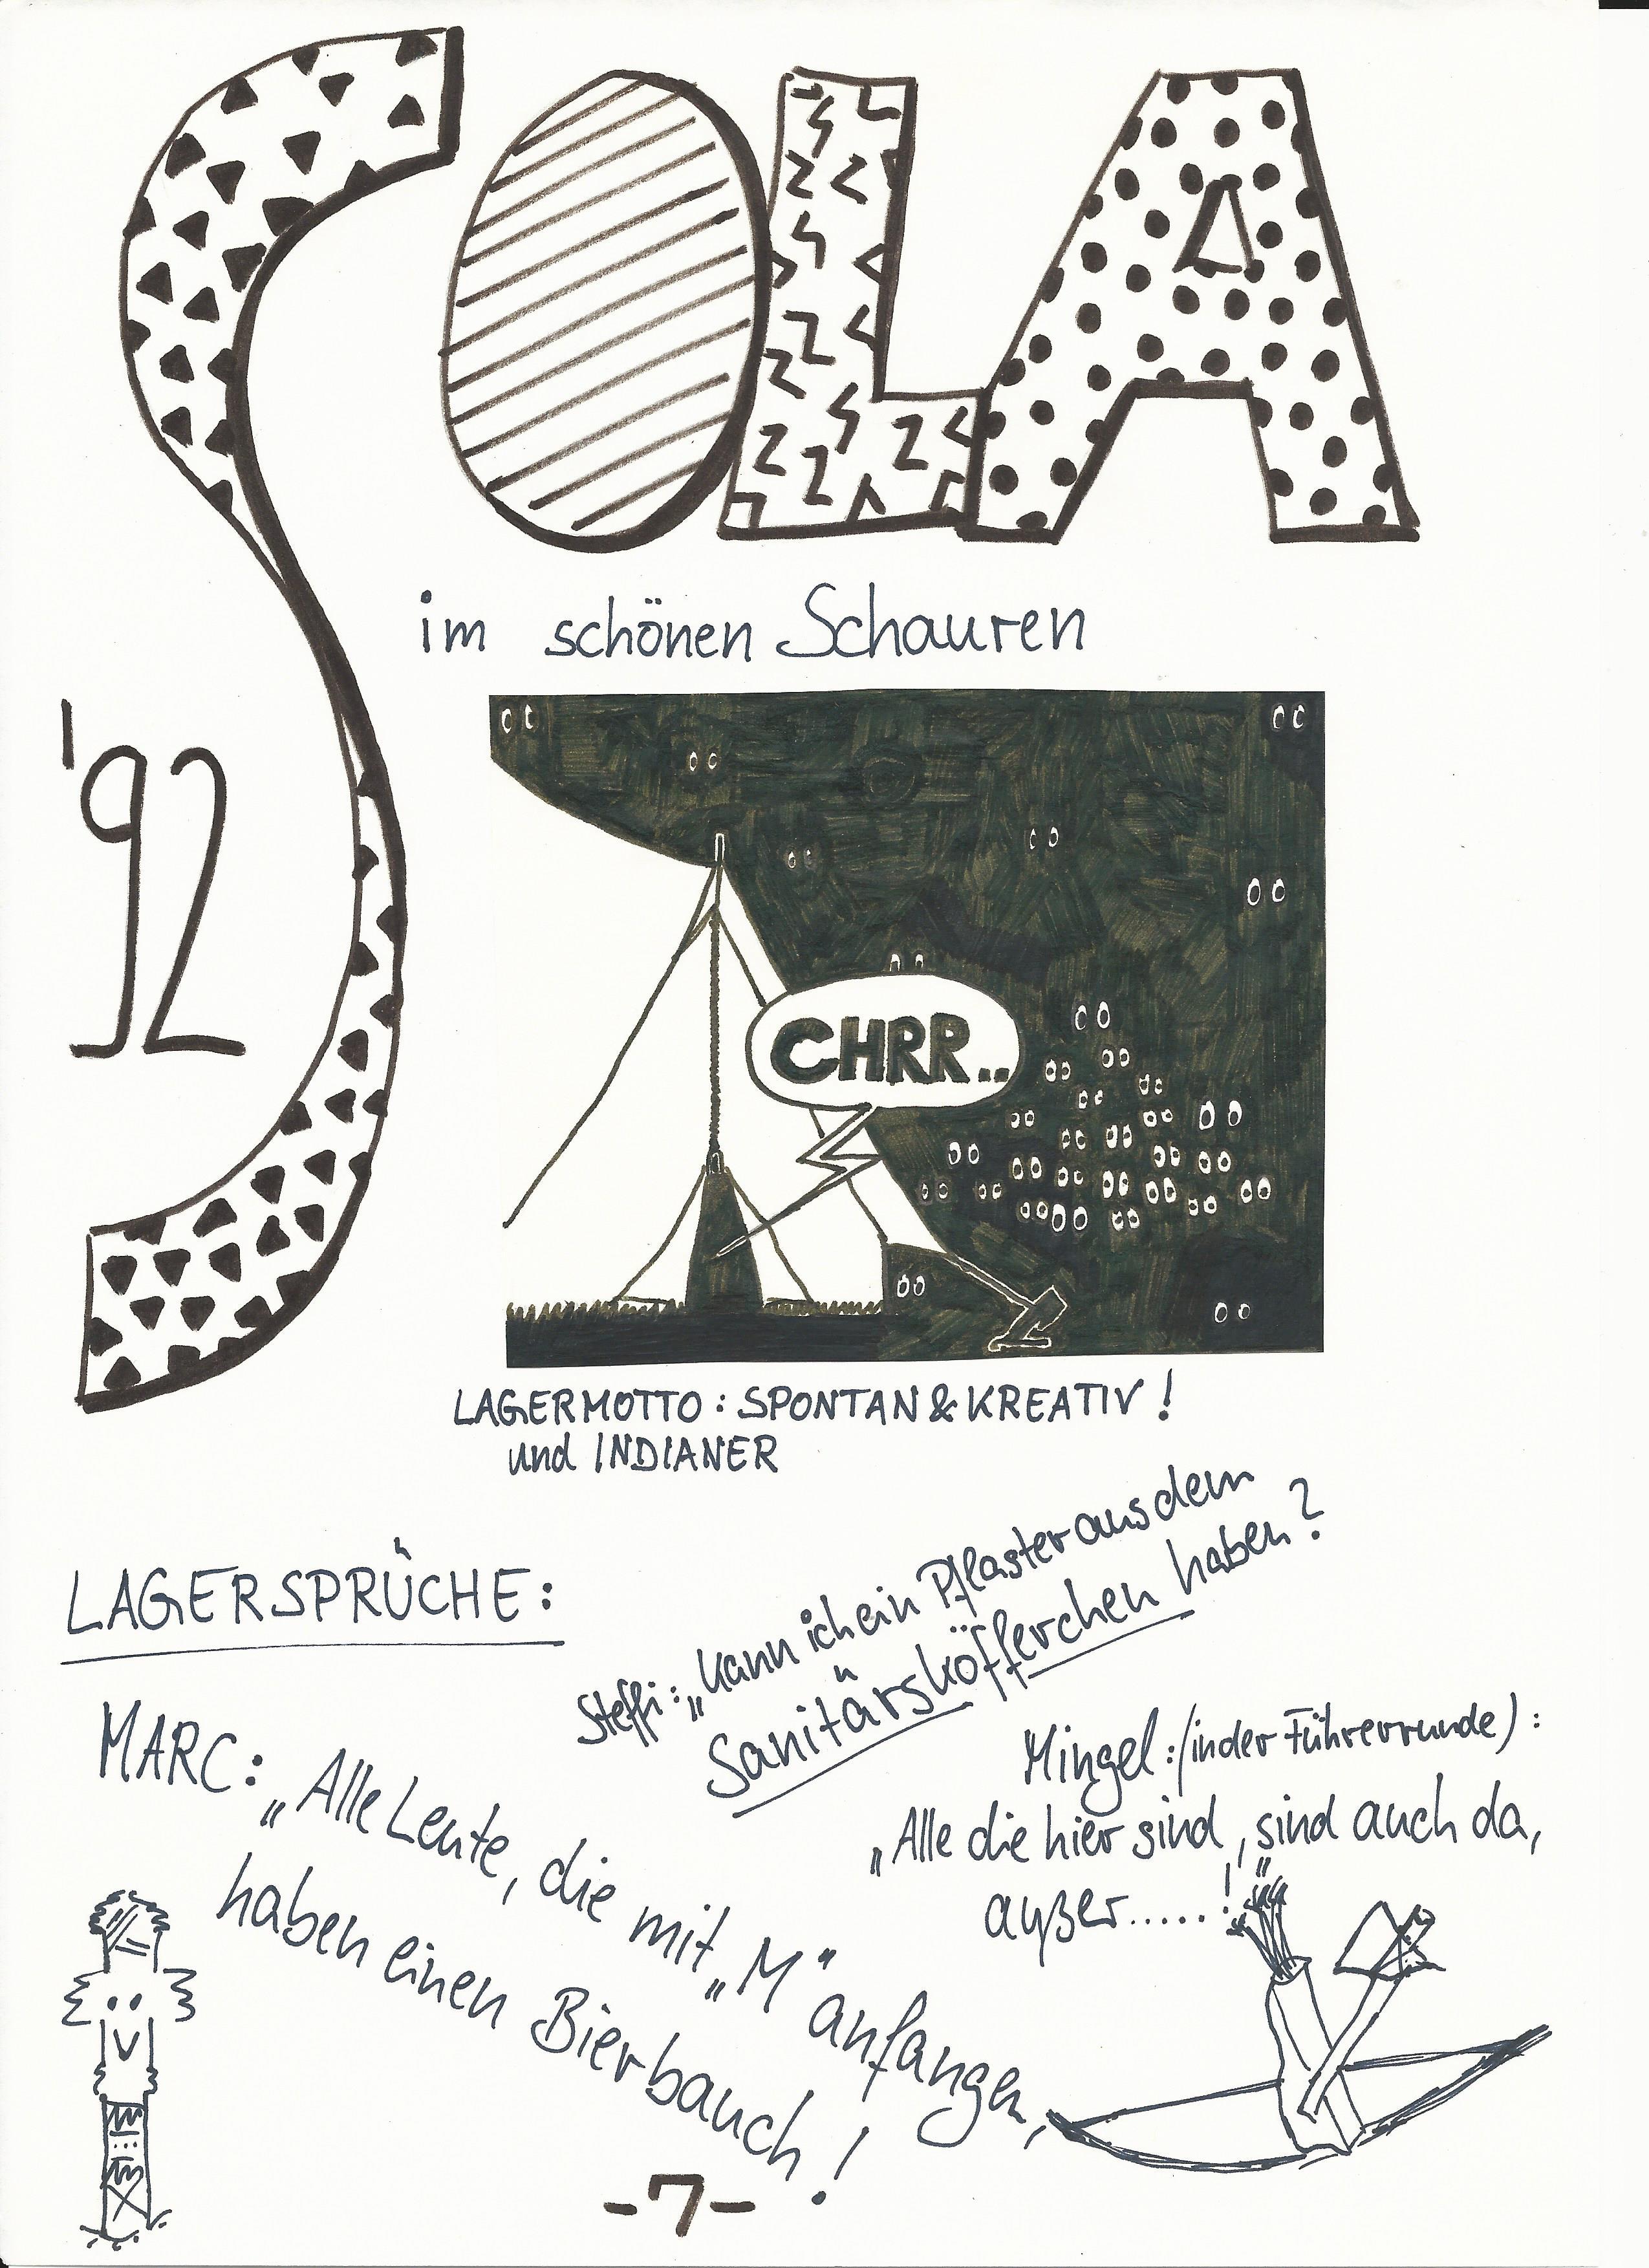 SoLa 1992 in Schauren